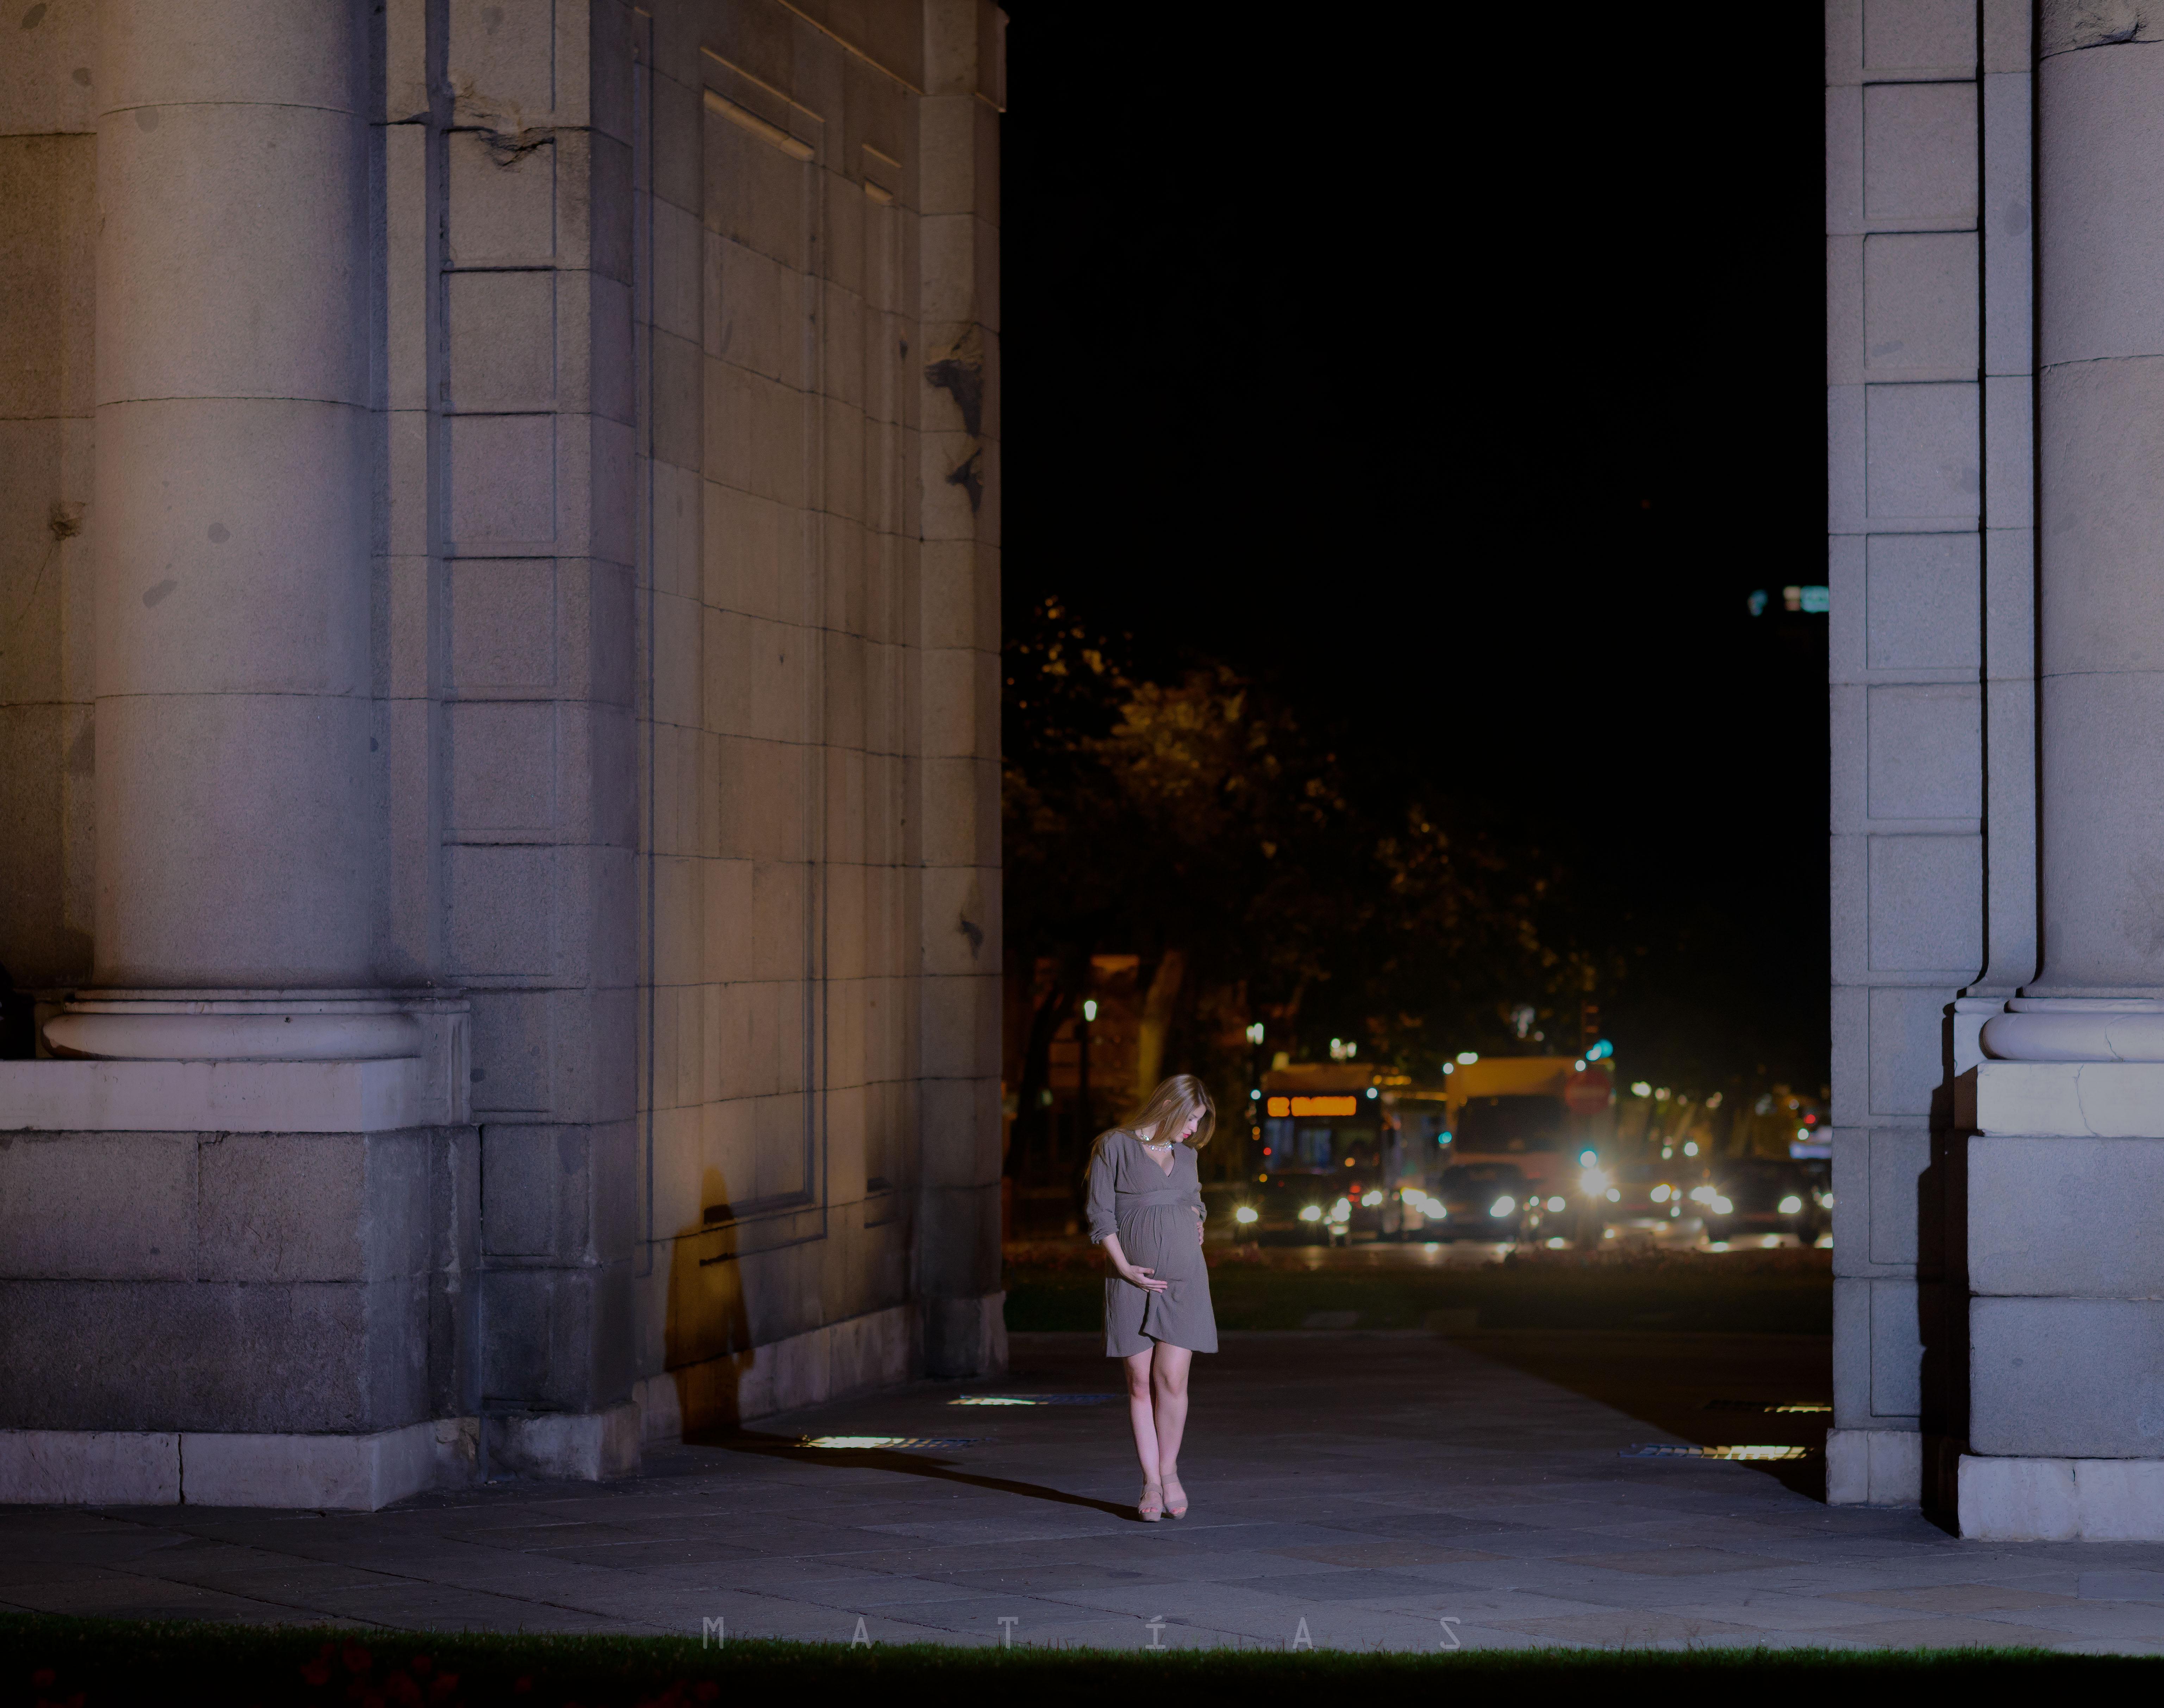 portfolio 25/33  - Karen en la noche de Madrid